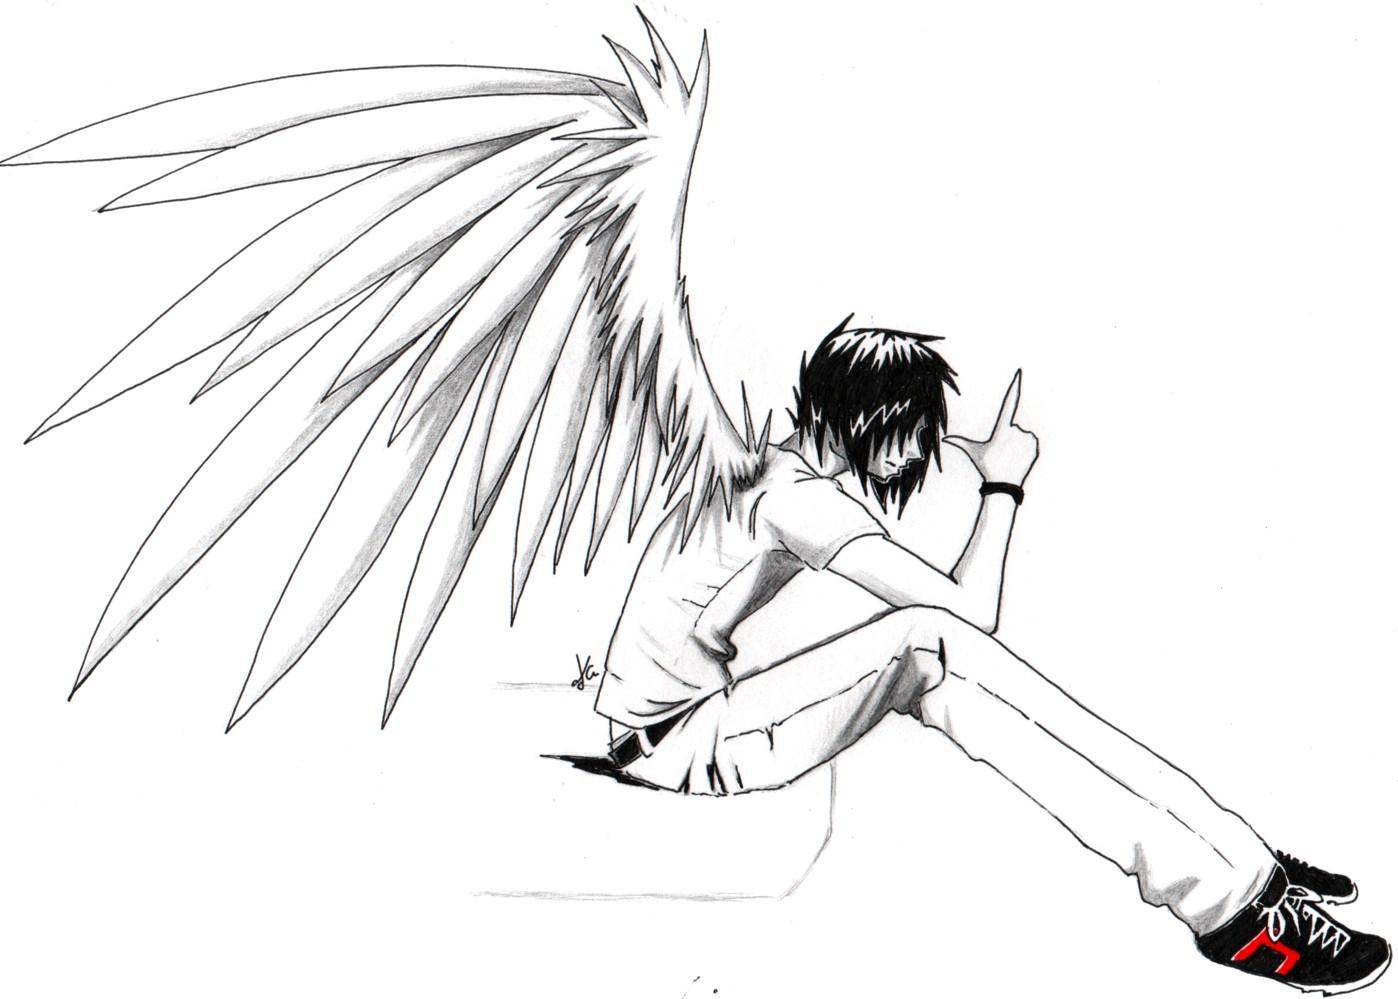 3.bp.blogspot.com_-a4knKQ80JBc_TckUosIcaFI_AAAAAAAAATU_-chYuQyyFBk_s1600_Emo+anime+angel+boy+1